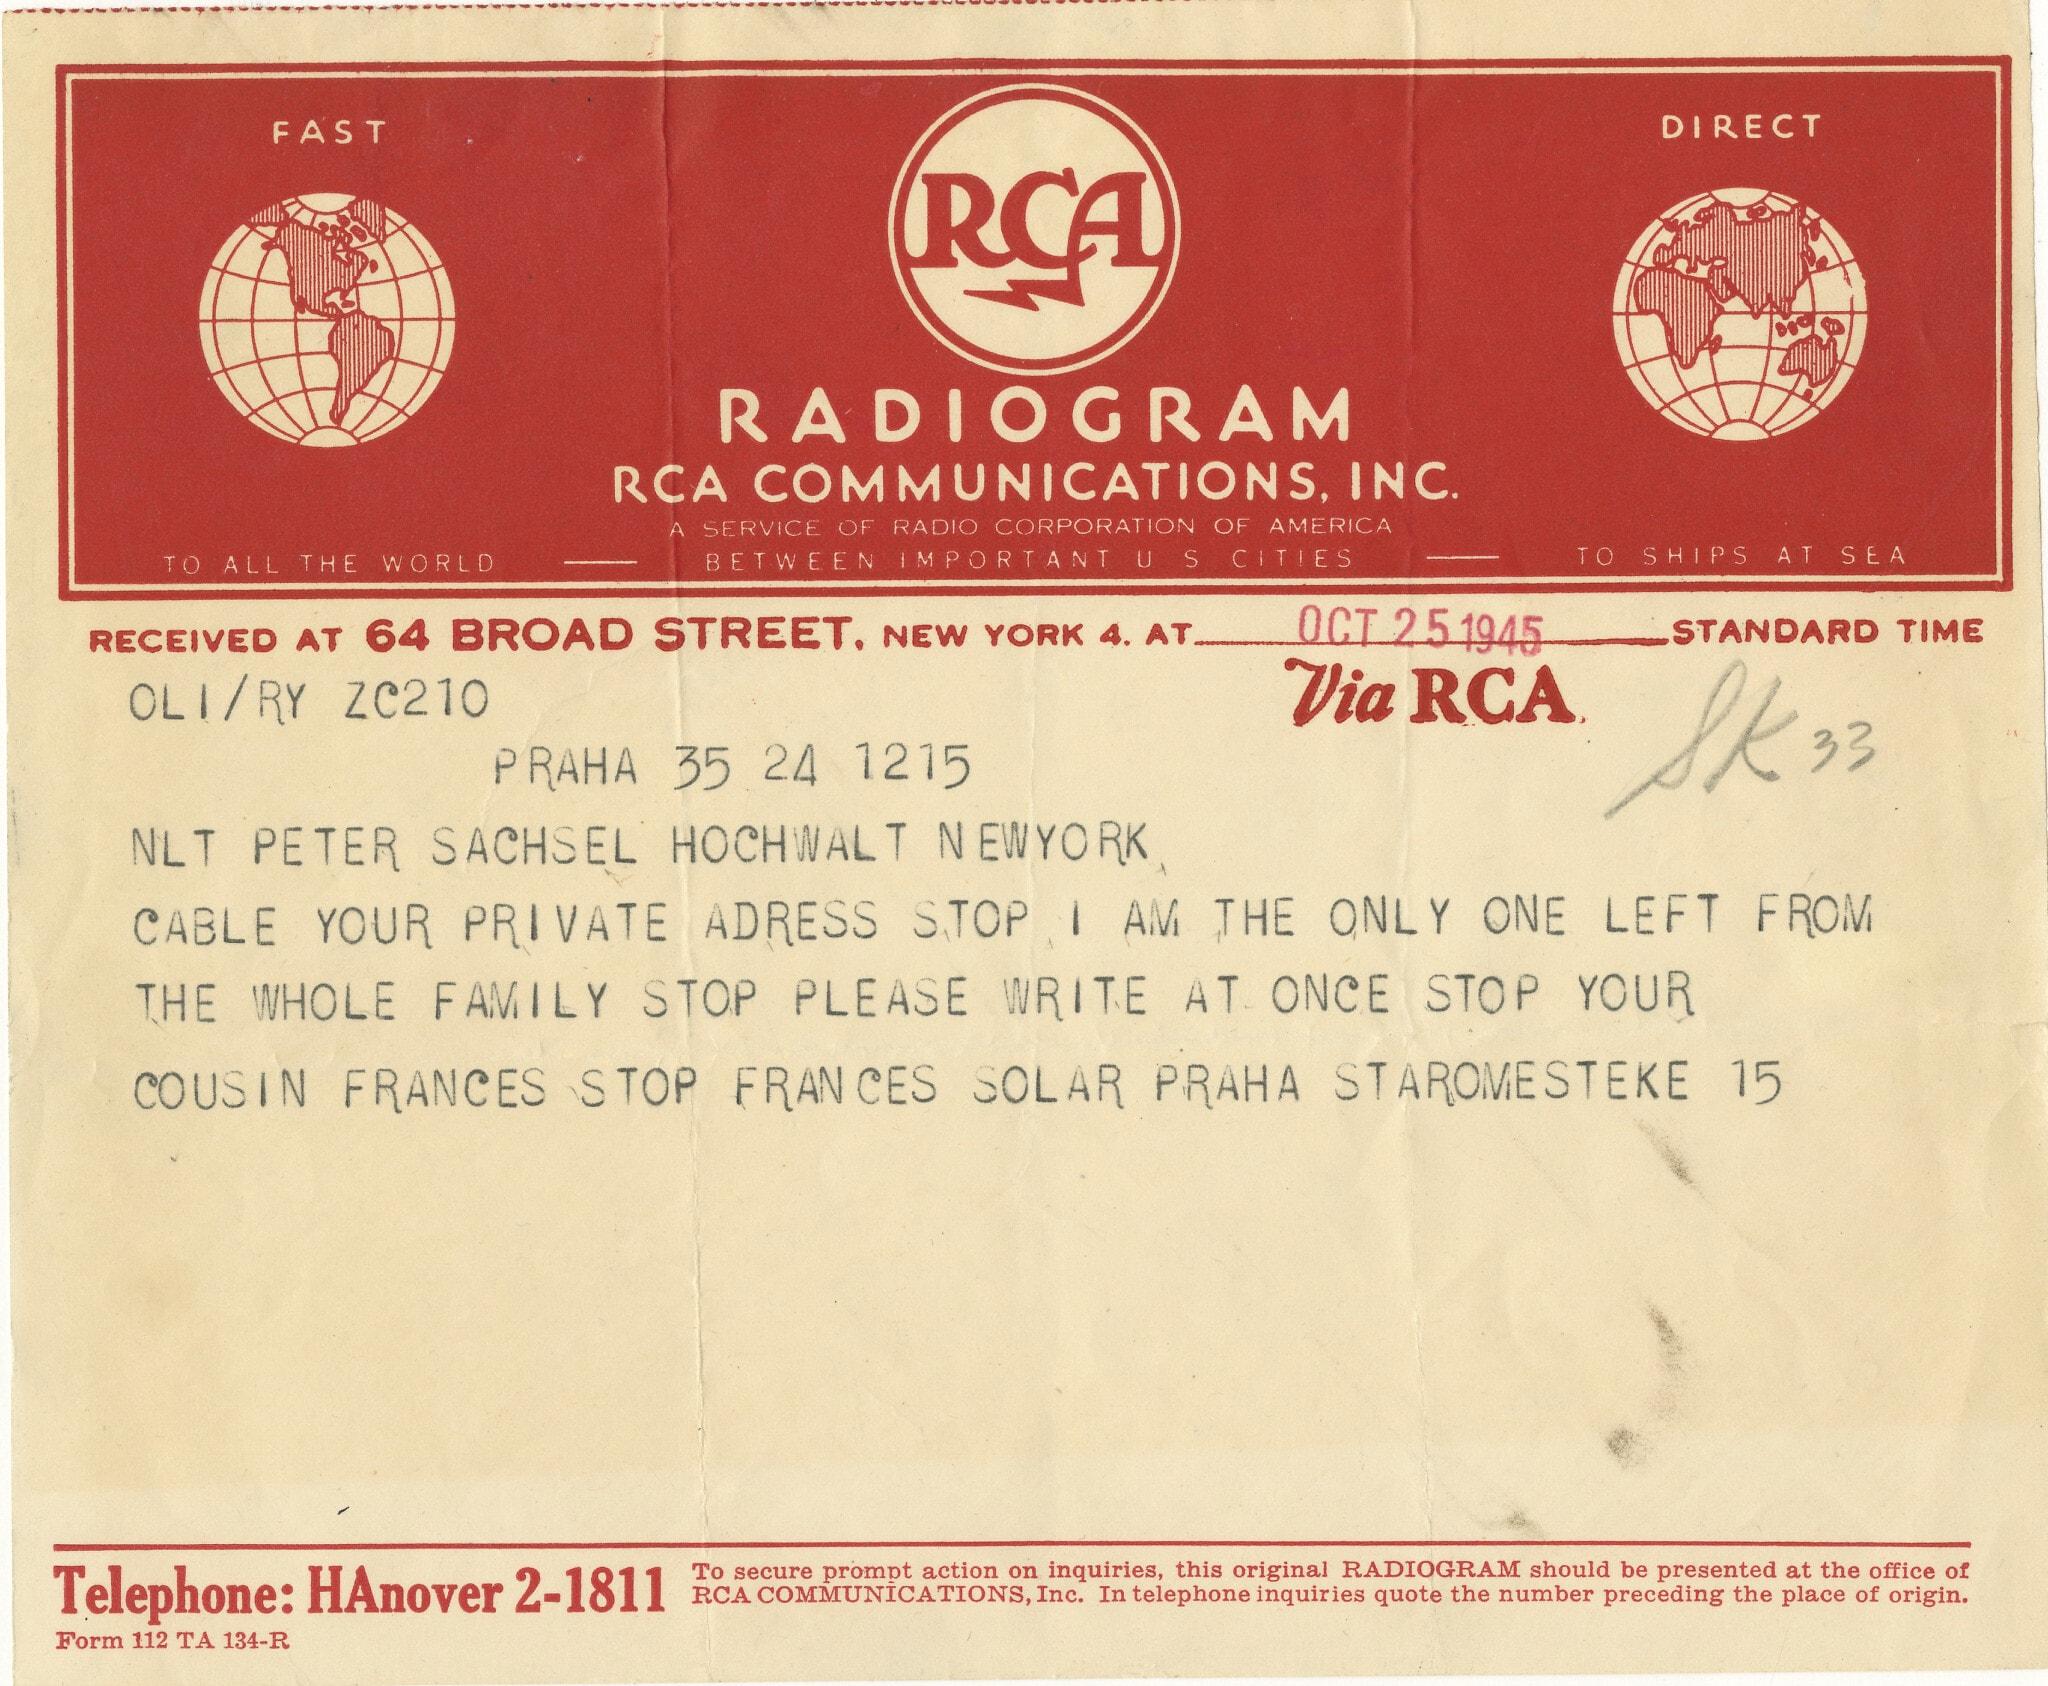 מברק ששלחה פרנסי סולר (שם הנעורים רבינק) מפראג לבן דודה פיטר בארצות הברית כדי ליידע אותו שהיא בת המשפחה היחידה שניצלה, 25 באוקטובר 1945 (צילום: צילום באדיבות הלן אפשטיין)